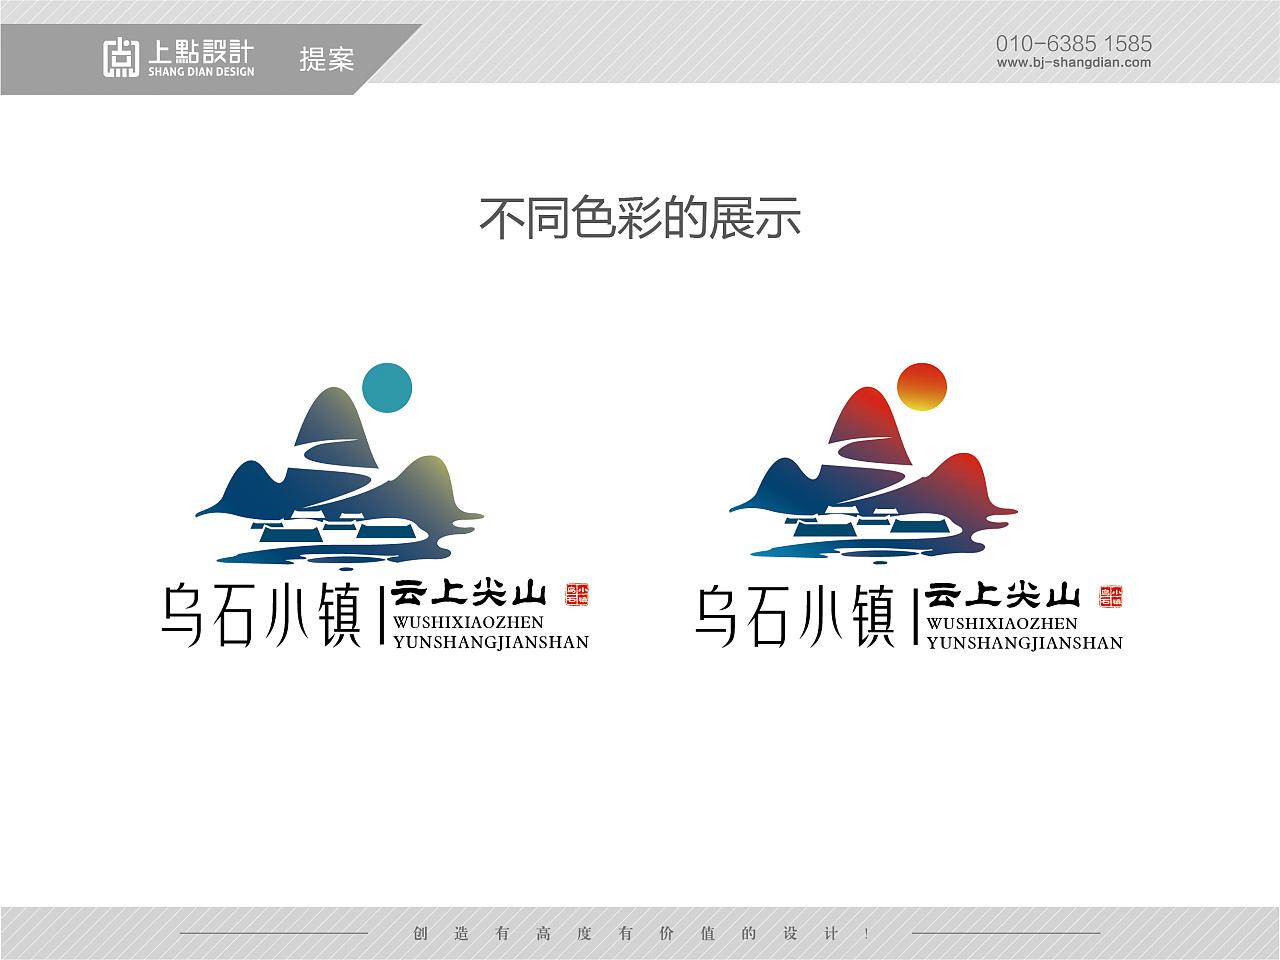 乌石小镇·云上山间旅游logo设计图片